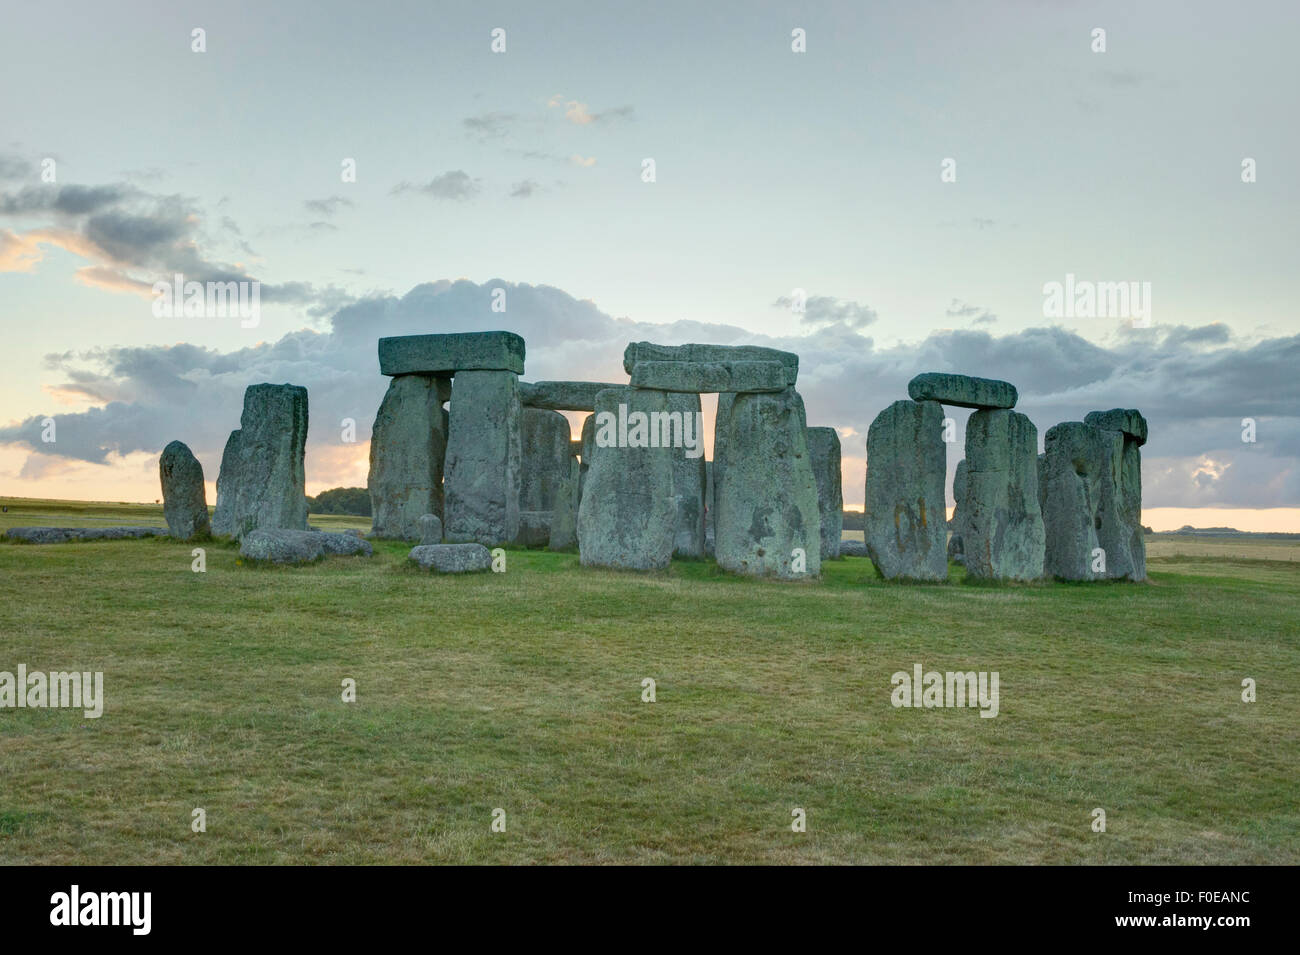 stonehenge ancient stone circle England - Stock Image